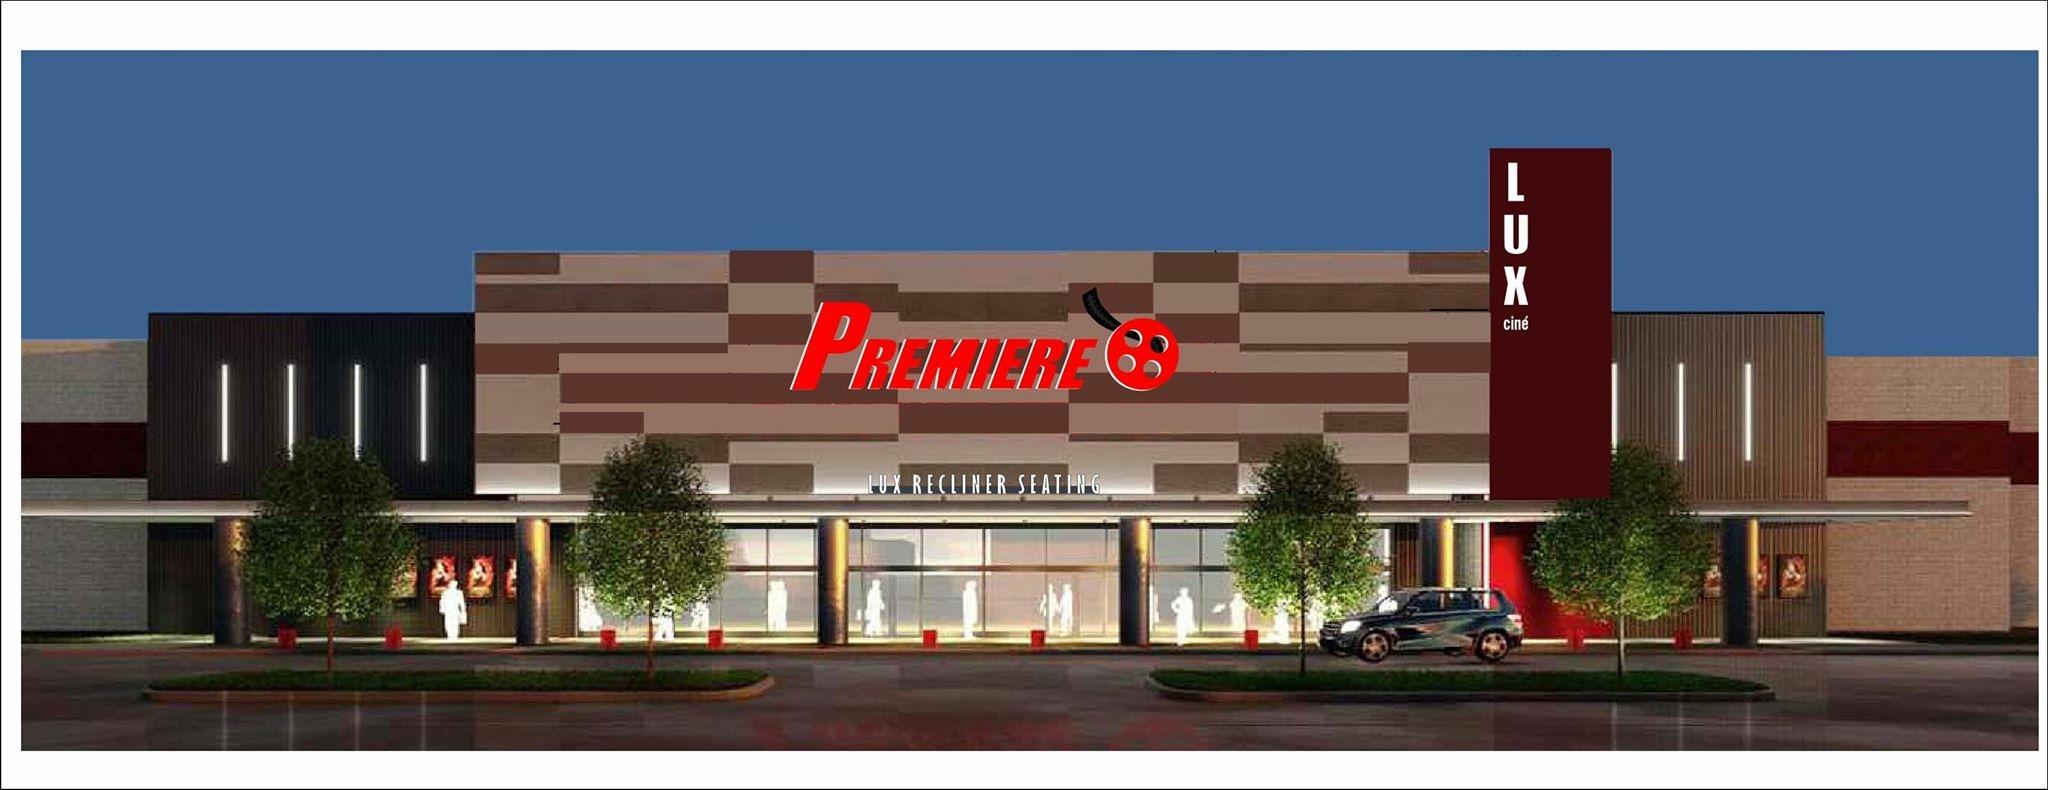 Birmingham PREMIERE LUX Ciné GSX & Pizza Pub - Coming Soon Photo